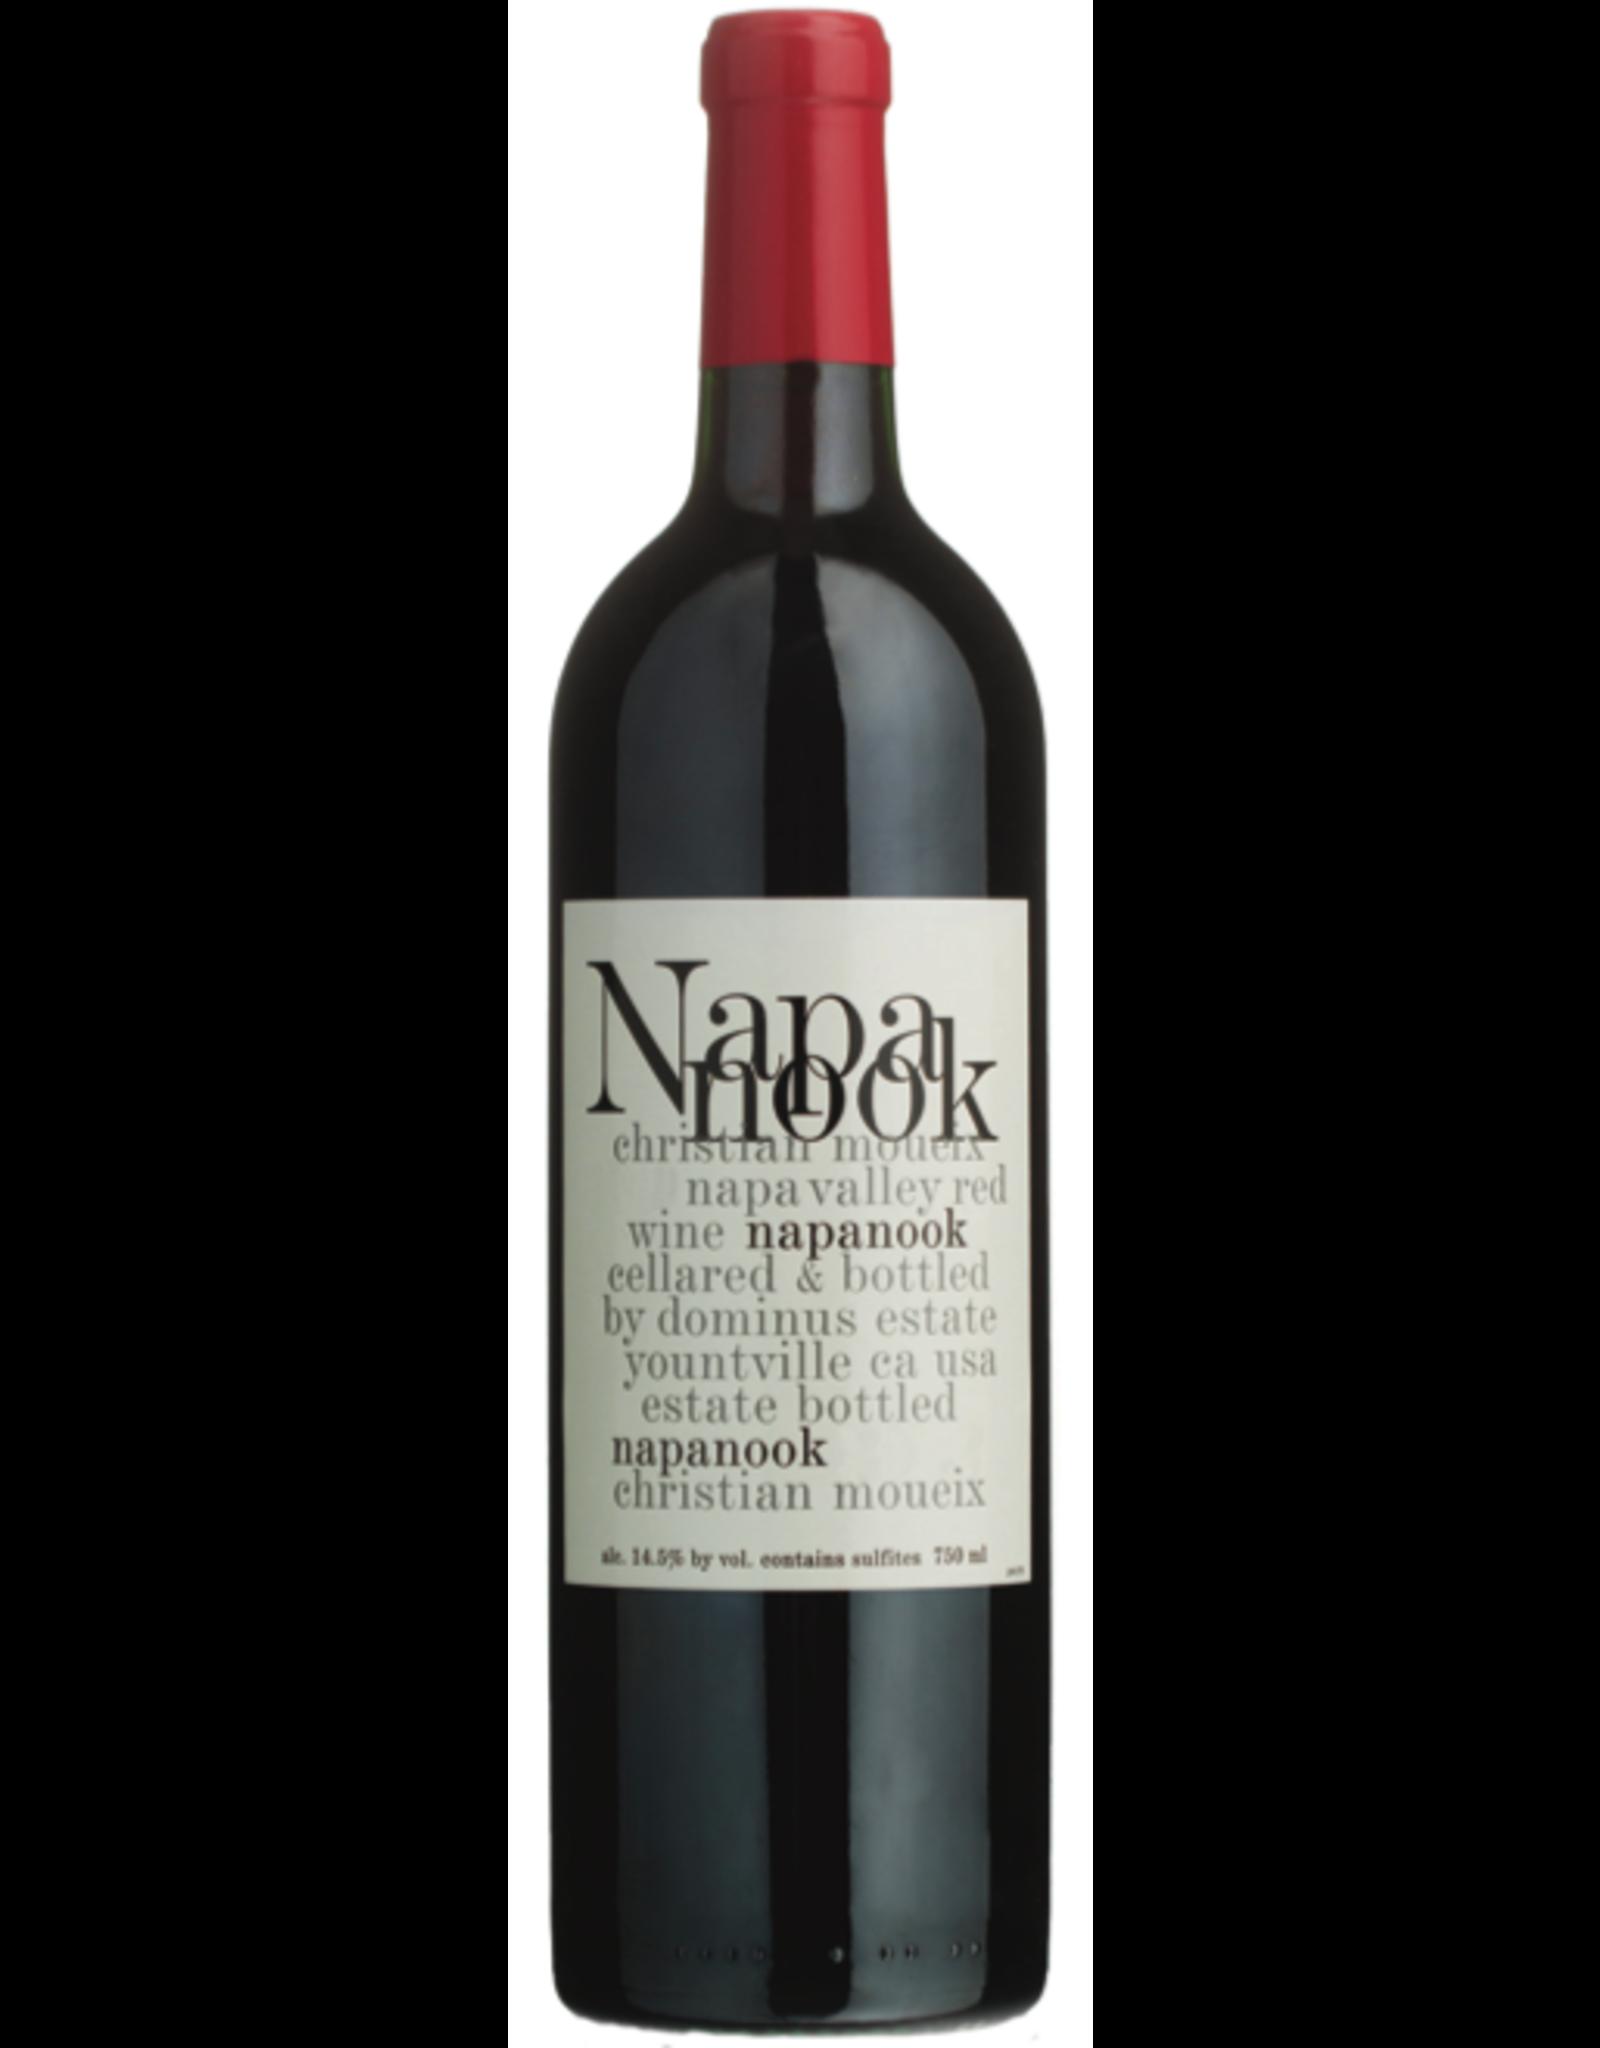 Dominus Estate Napanook 2016 - Napa Valley